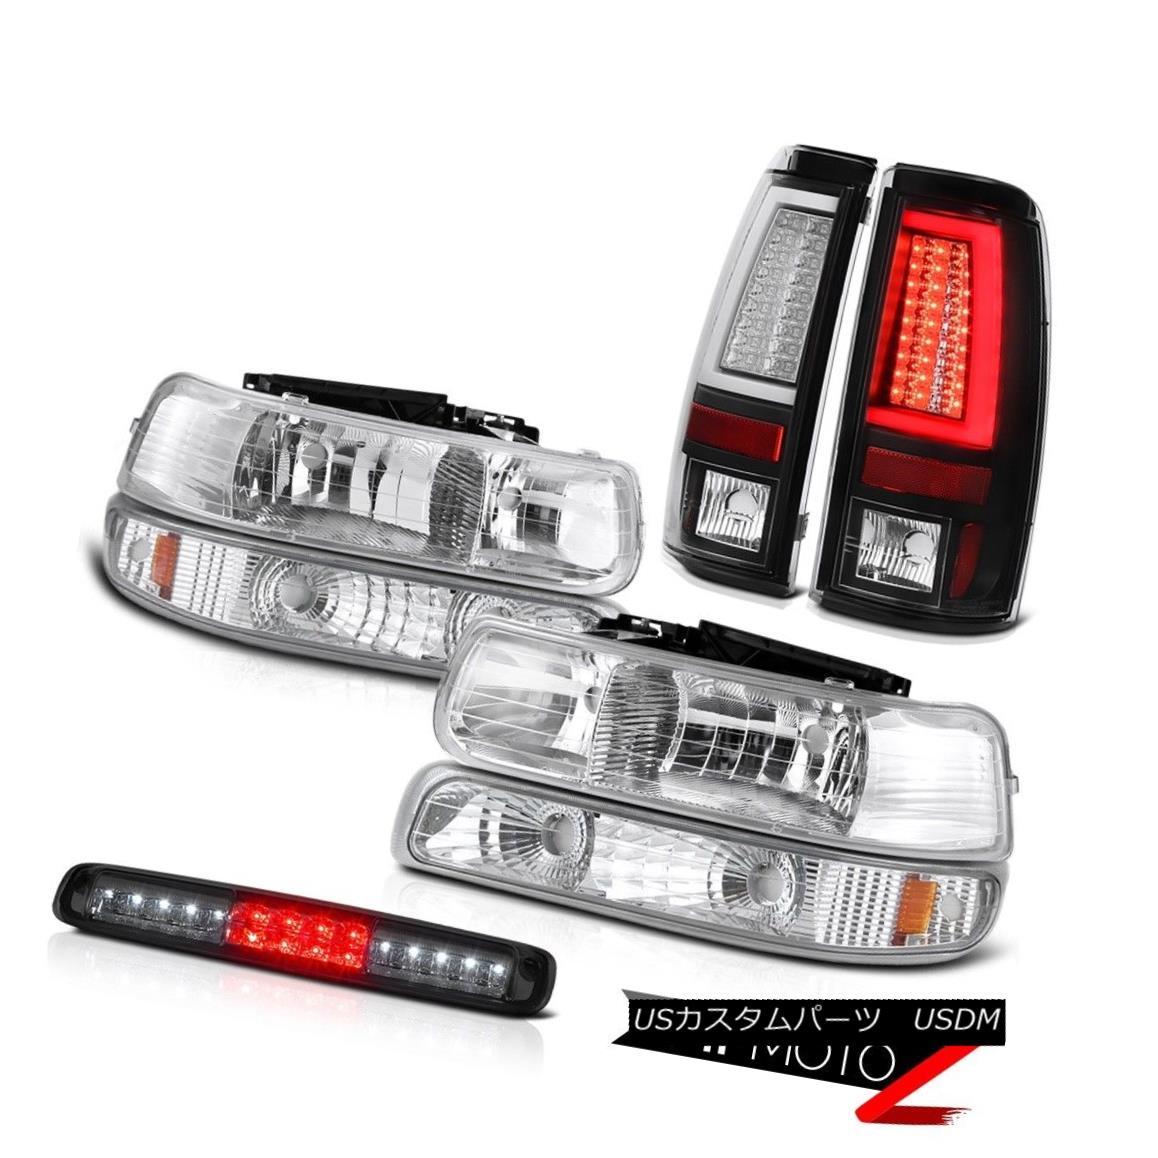 ヘッドライト 1999-2002 Silverado 6.0L Taillamps Headlights Signal Lamp Roof Cab